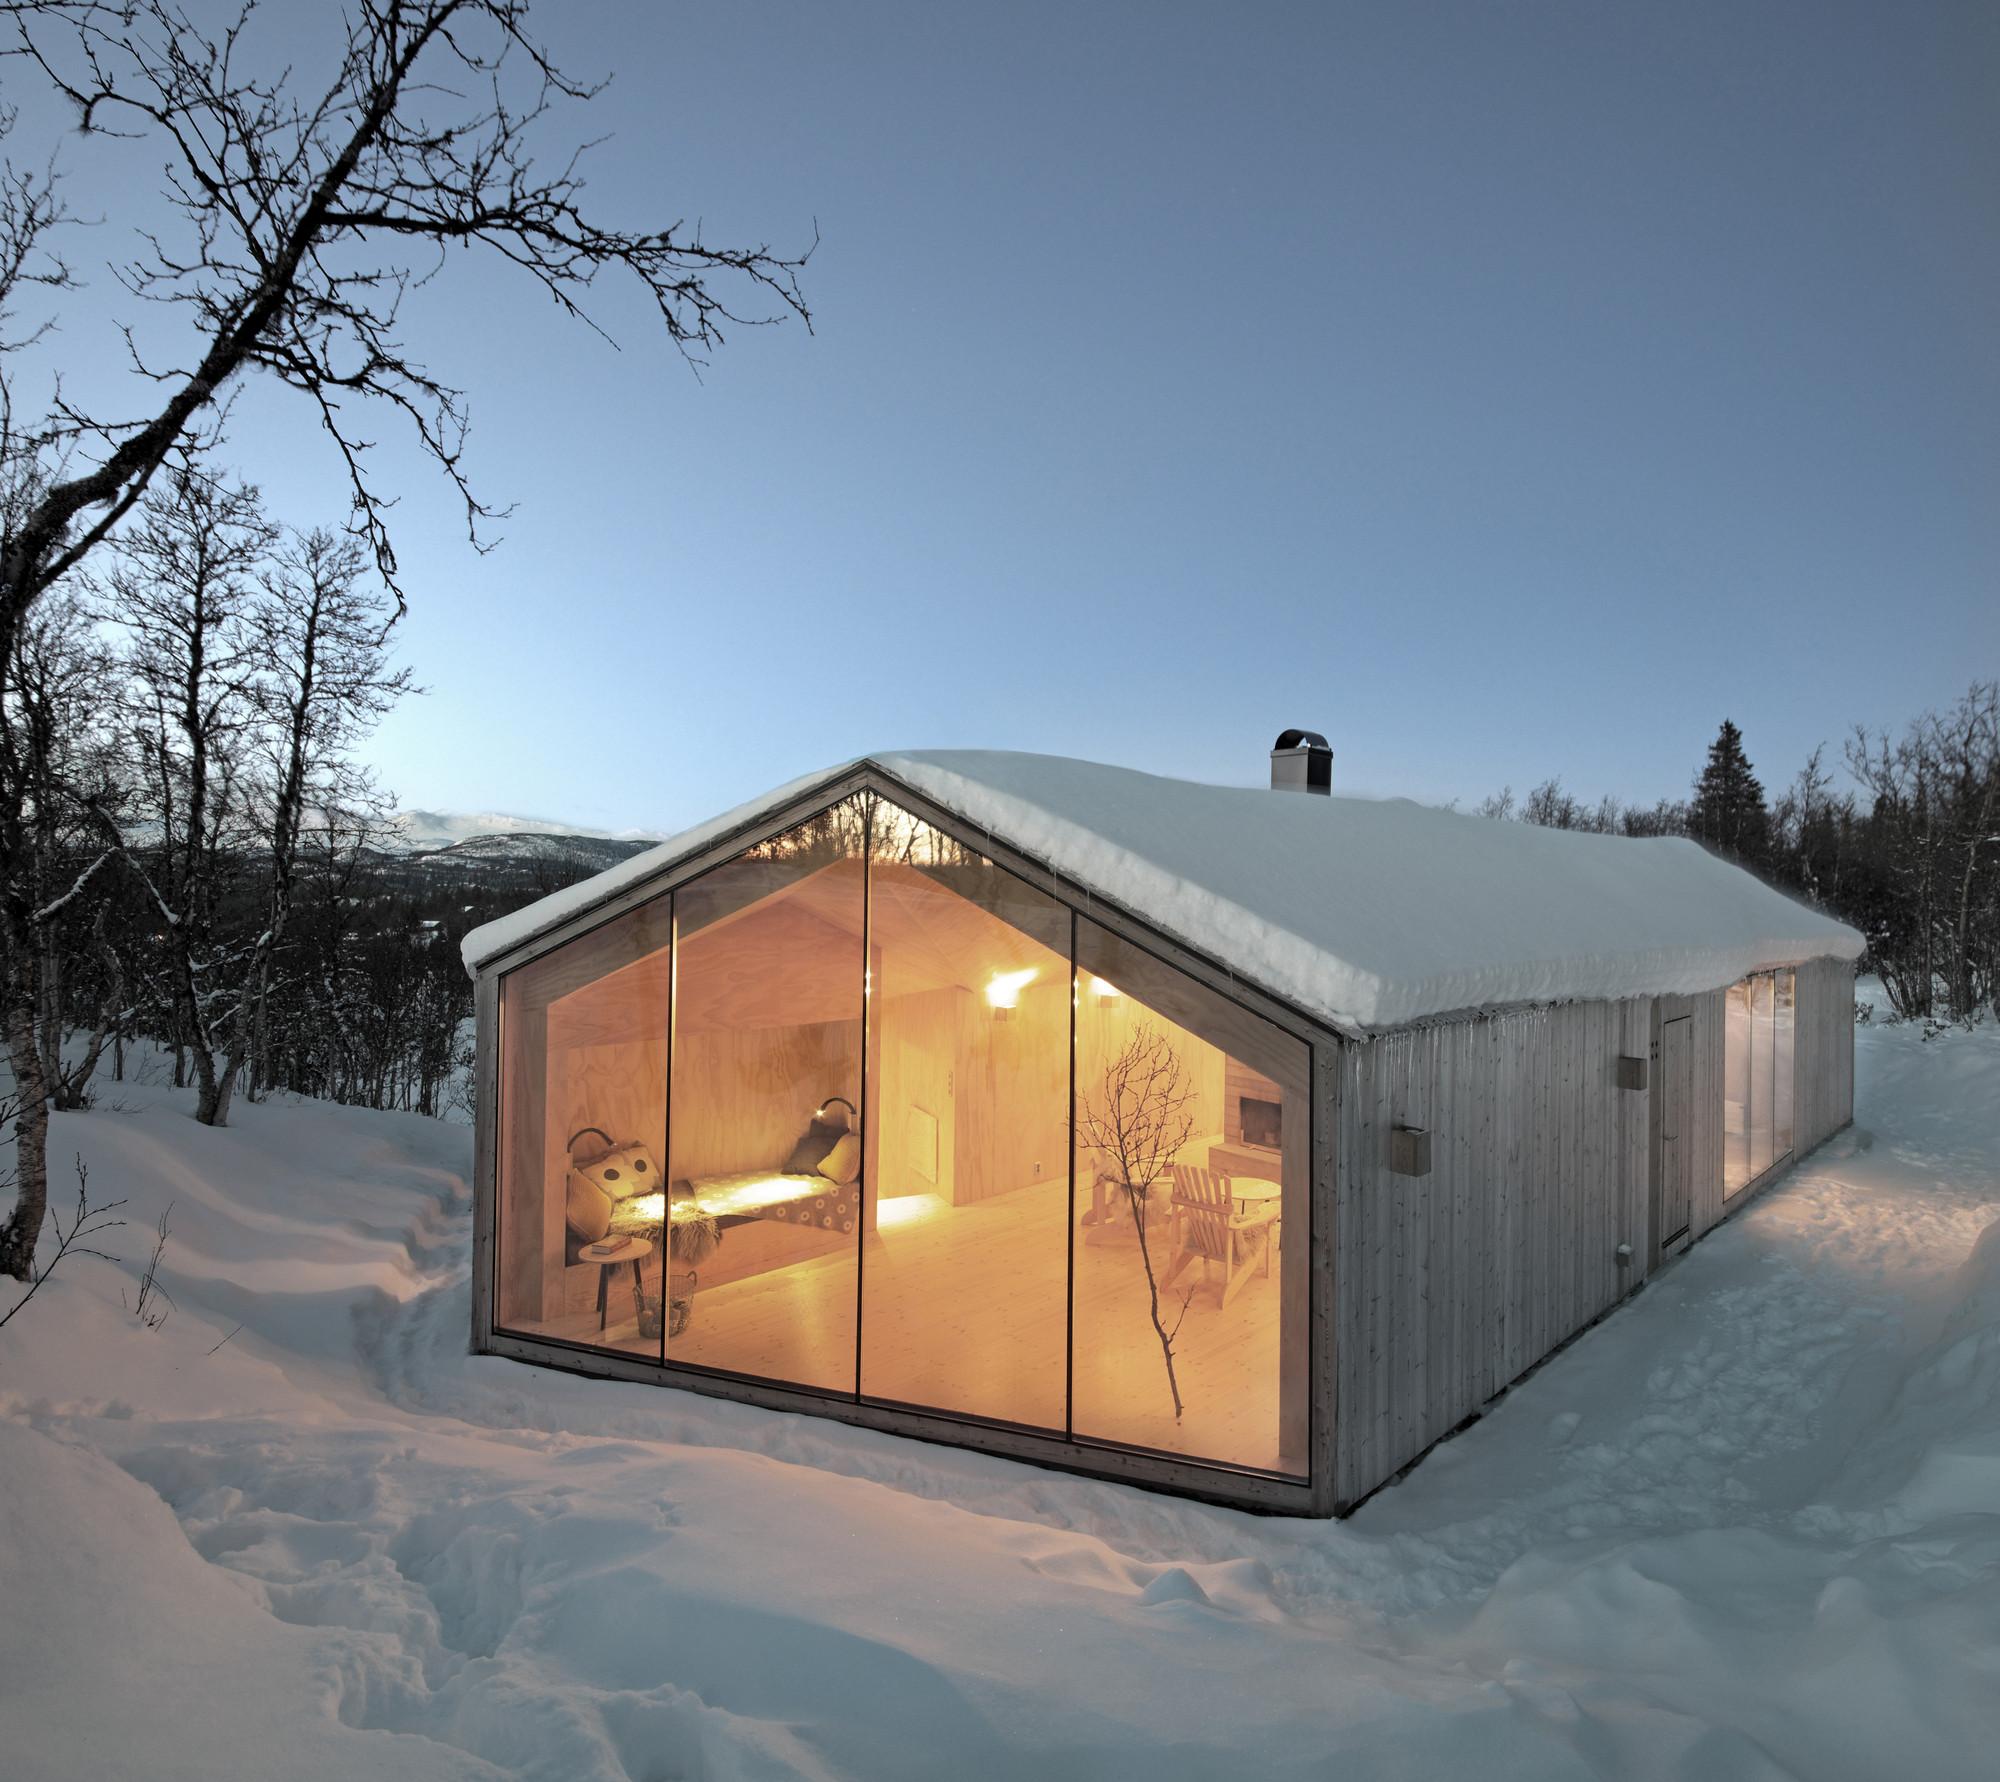 V-Lodge / Reiulf Ramstad Arkitekter, © Søren Harder Nielsen